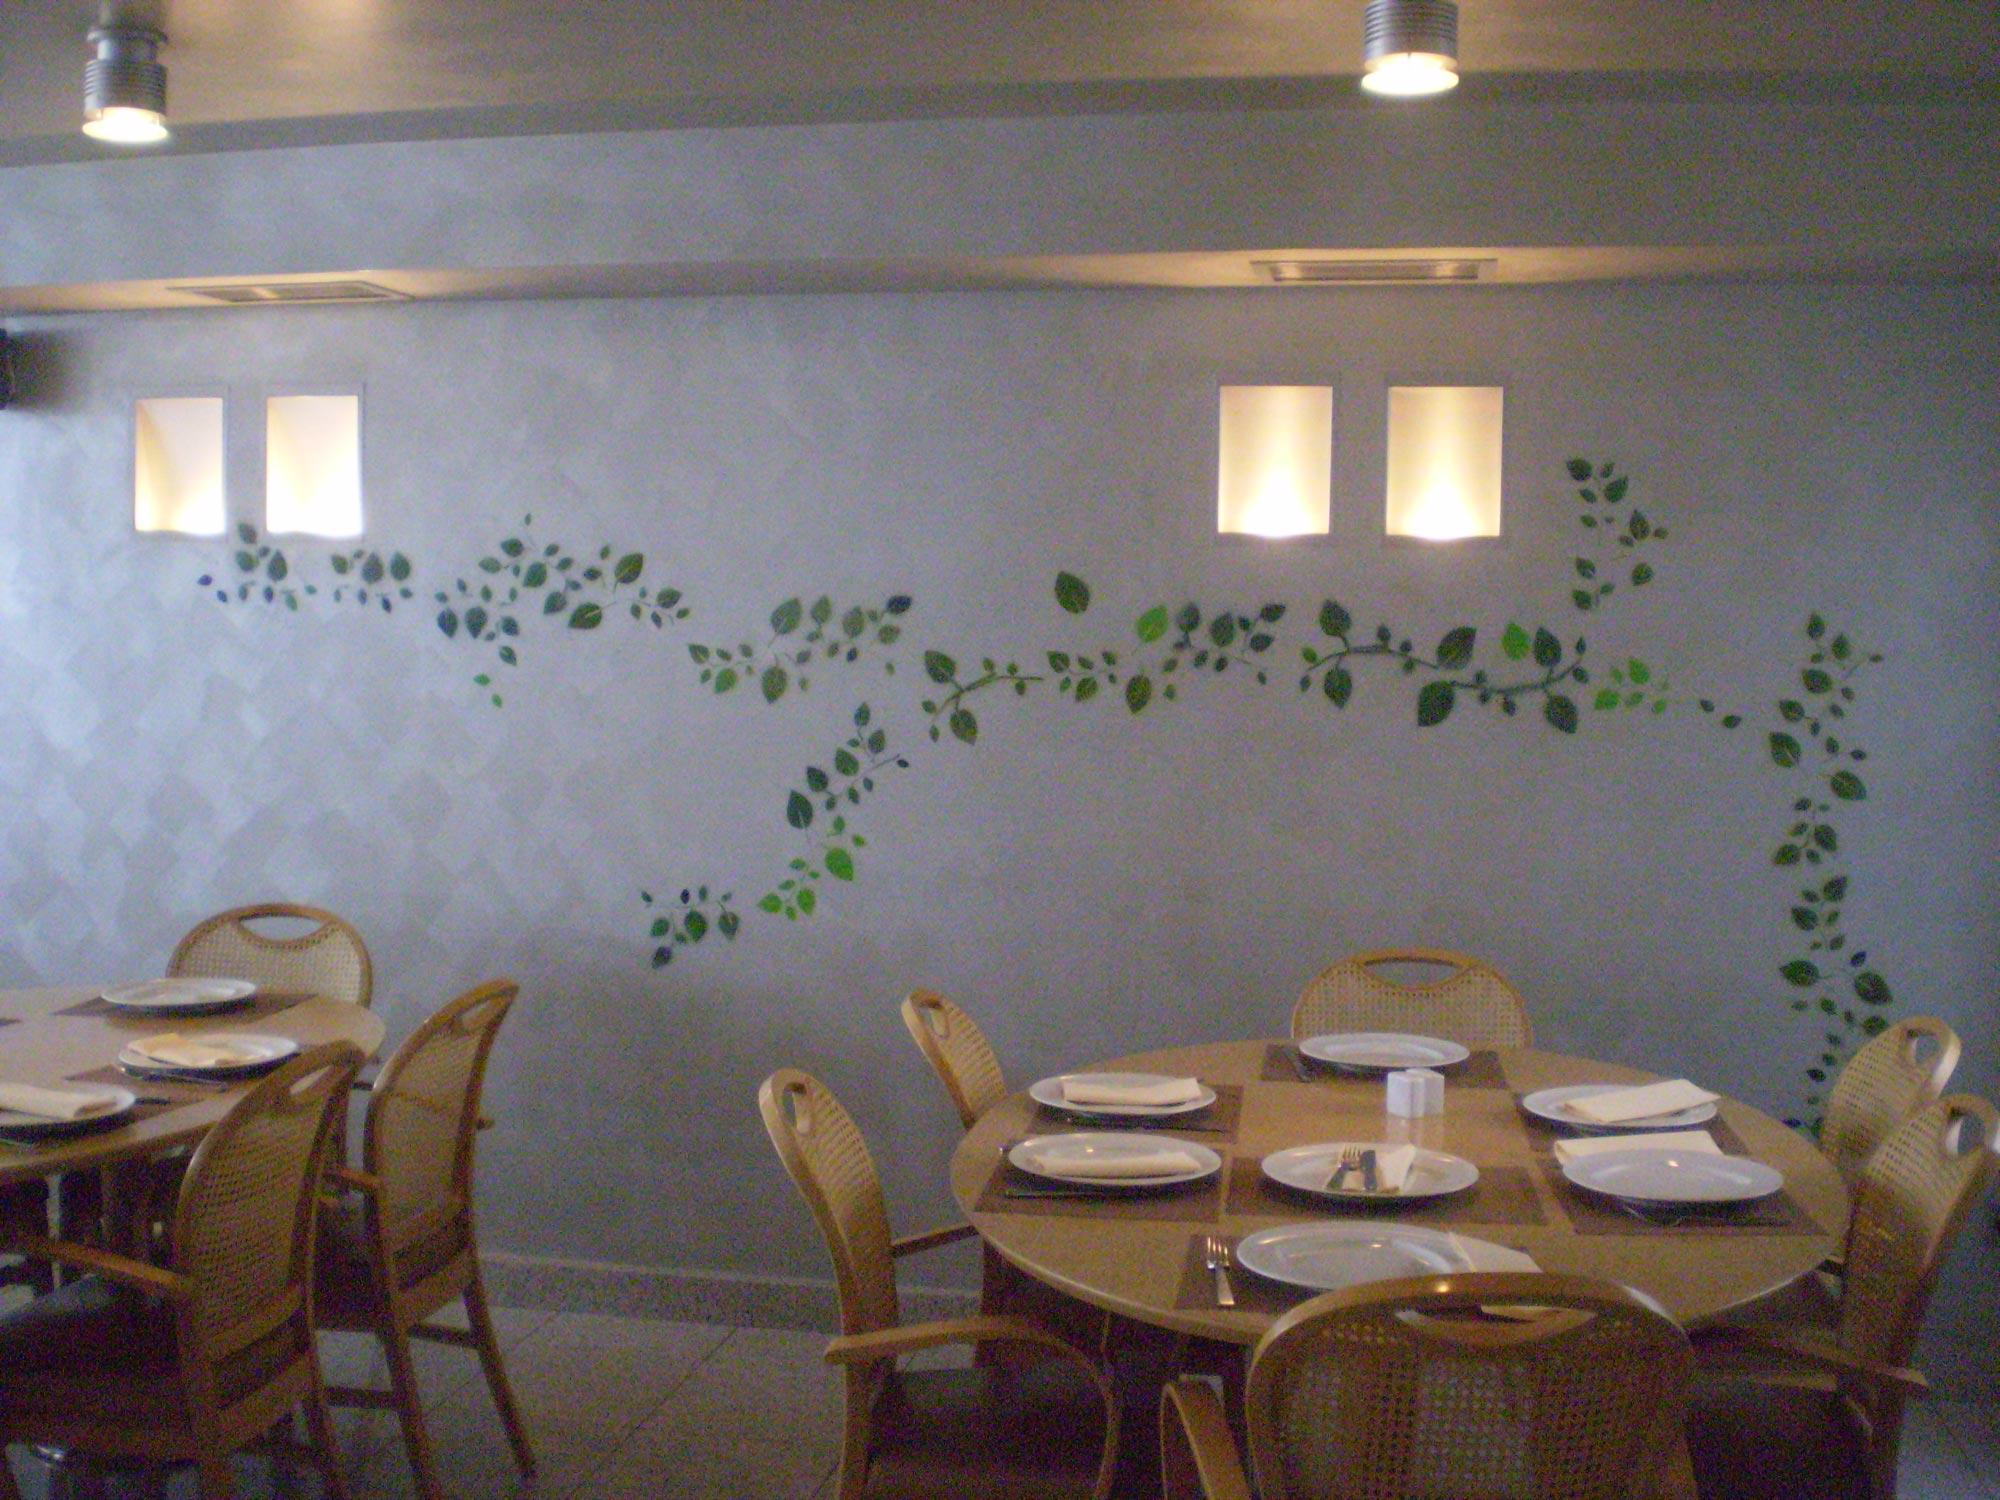 maniatis_restaurant